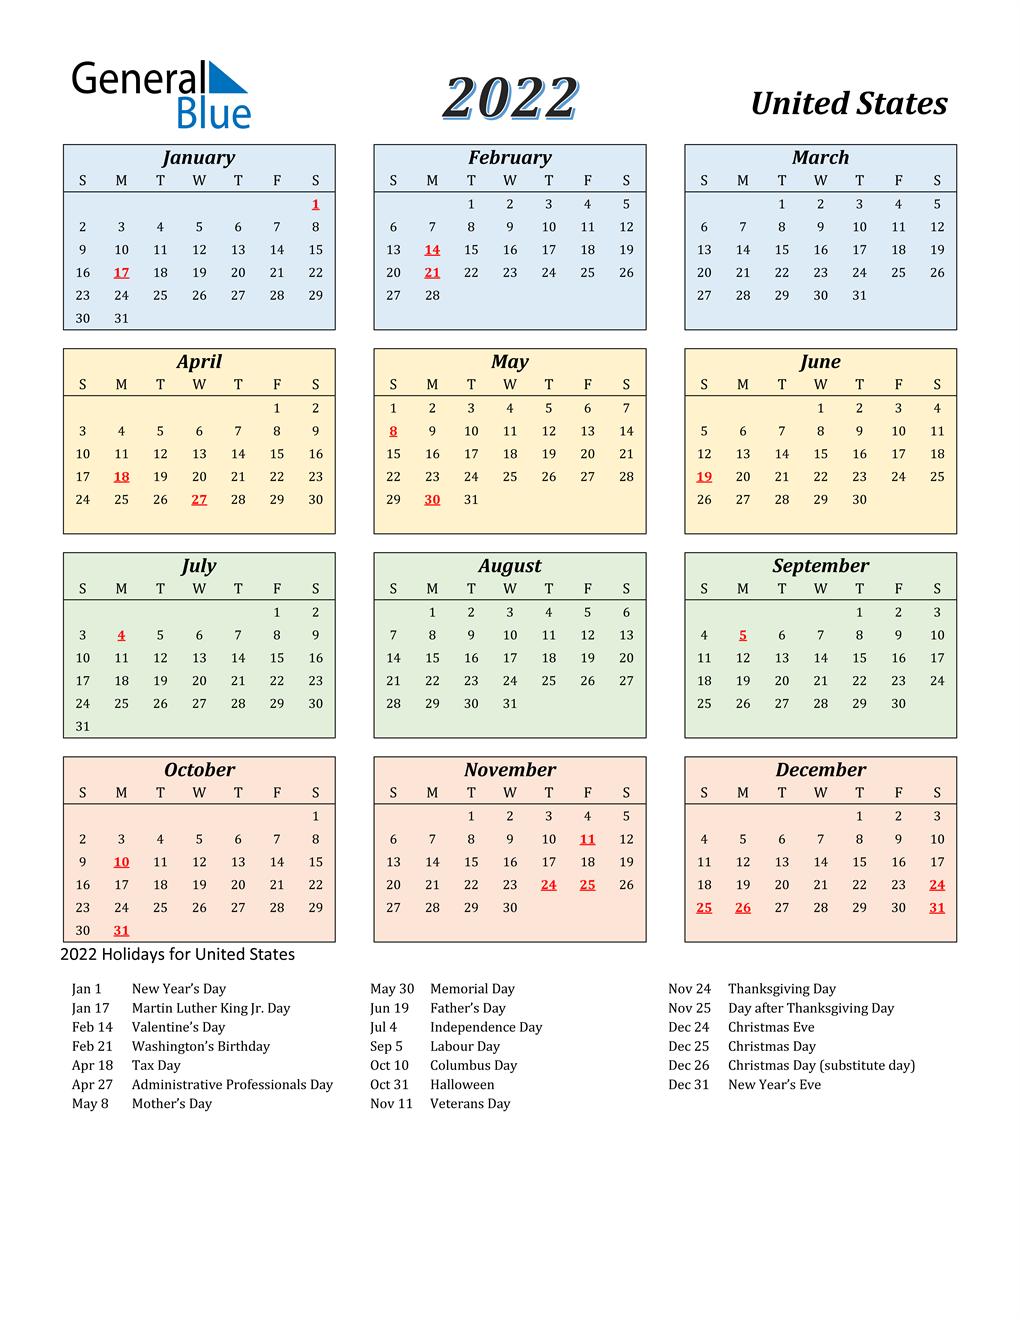 Calendar 2022 Usa.2022 United States Calendar With Holidays